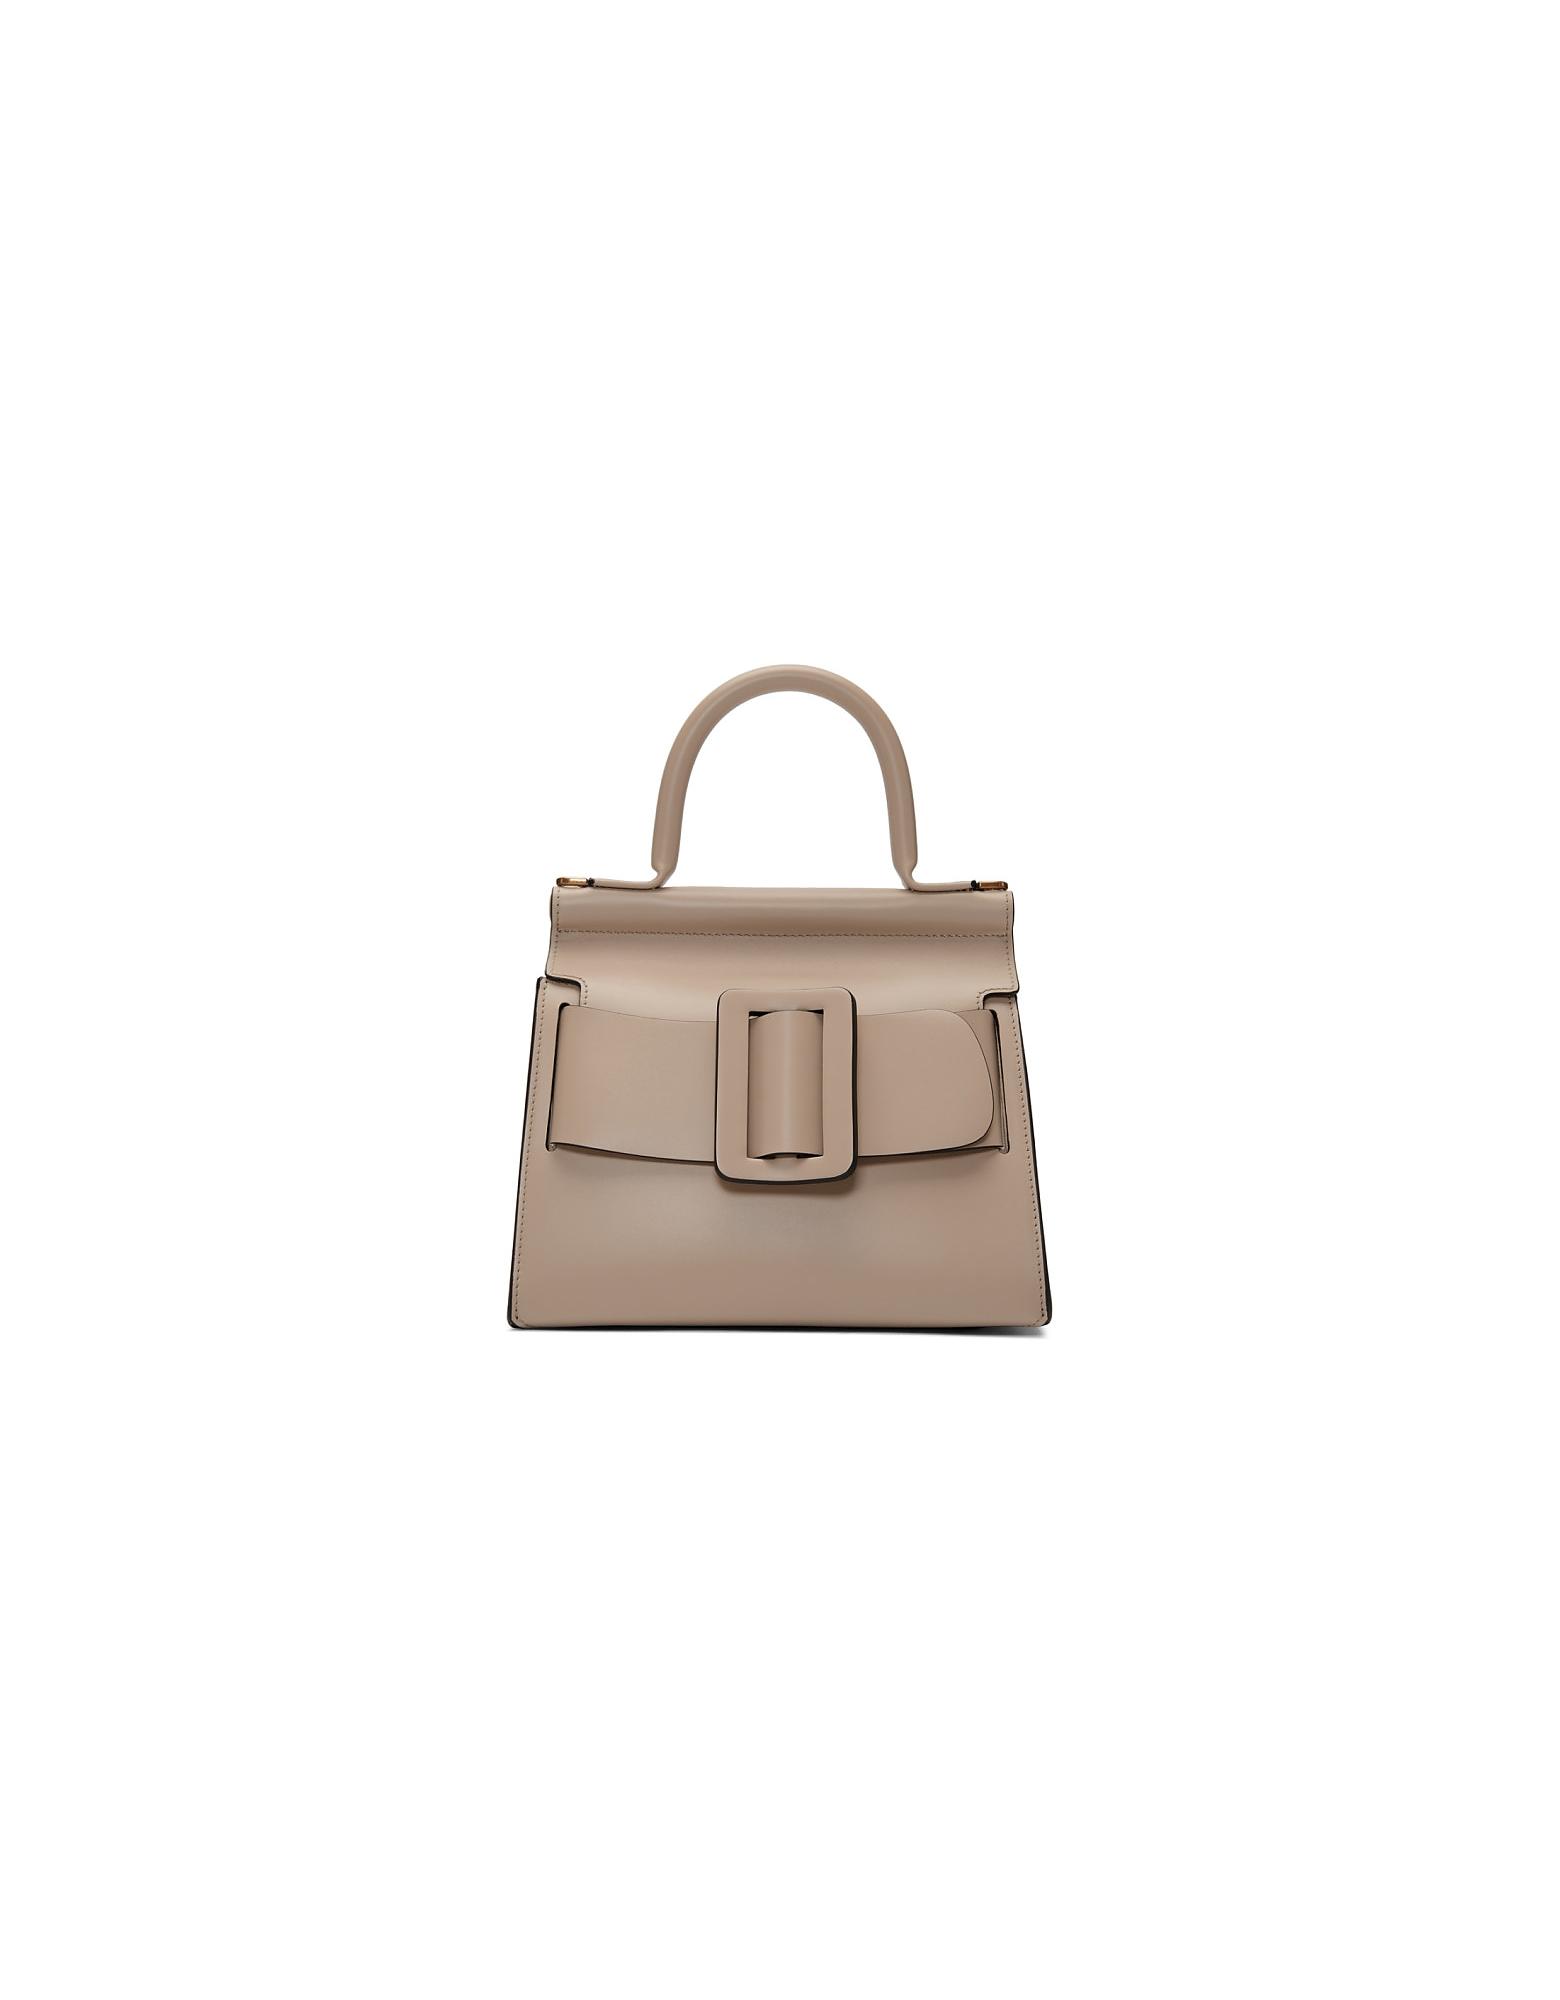 BOYY Designer Handbags, Beige Karl 24 Bag